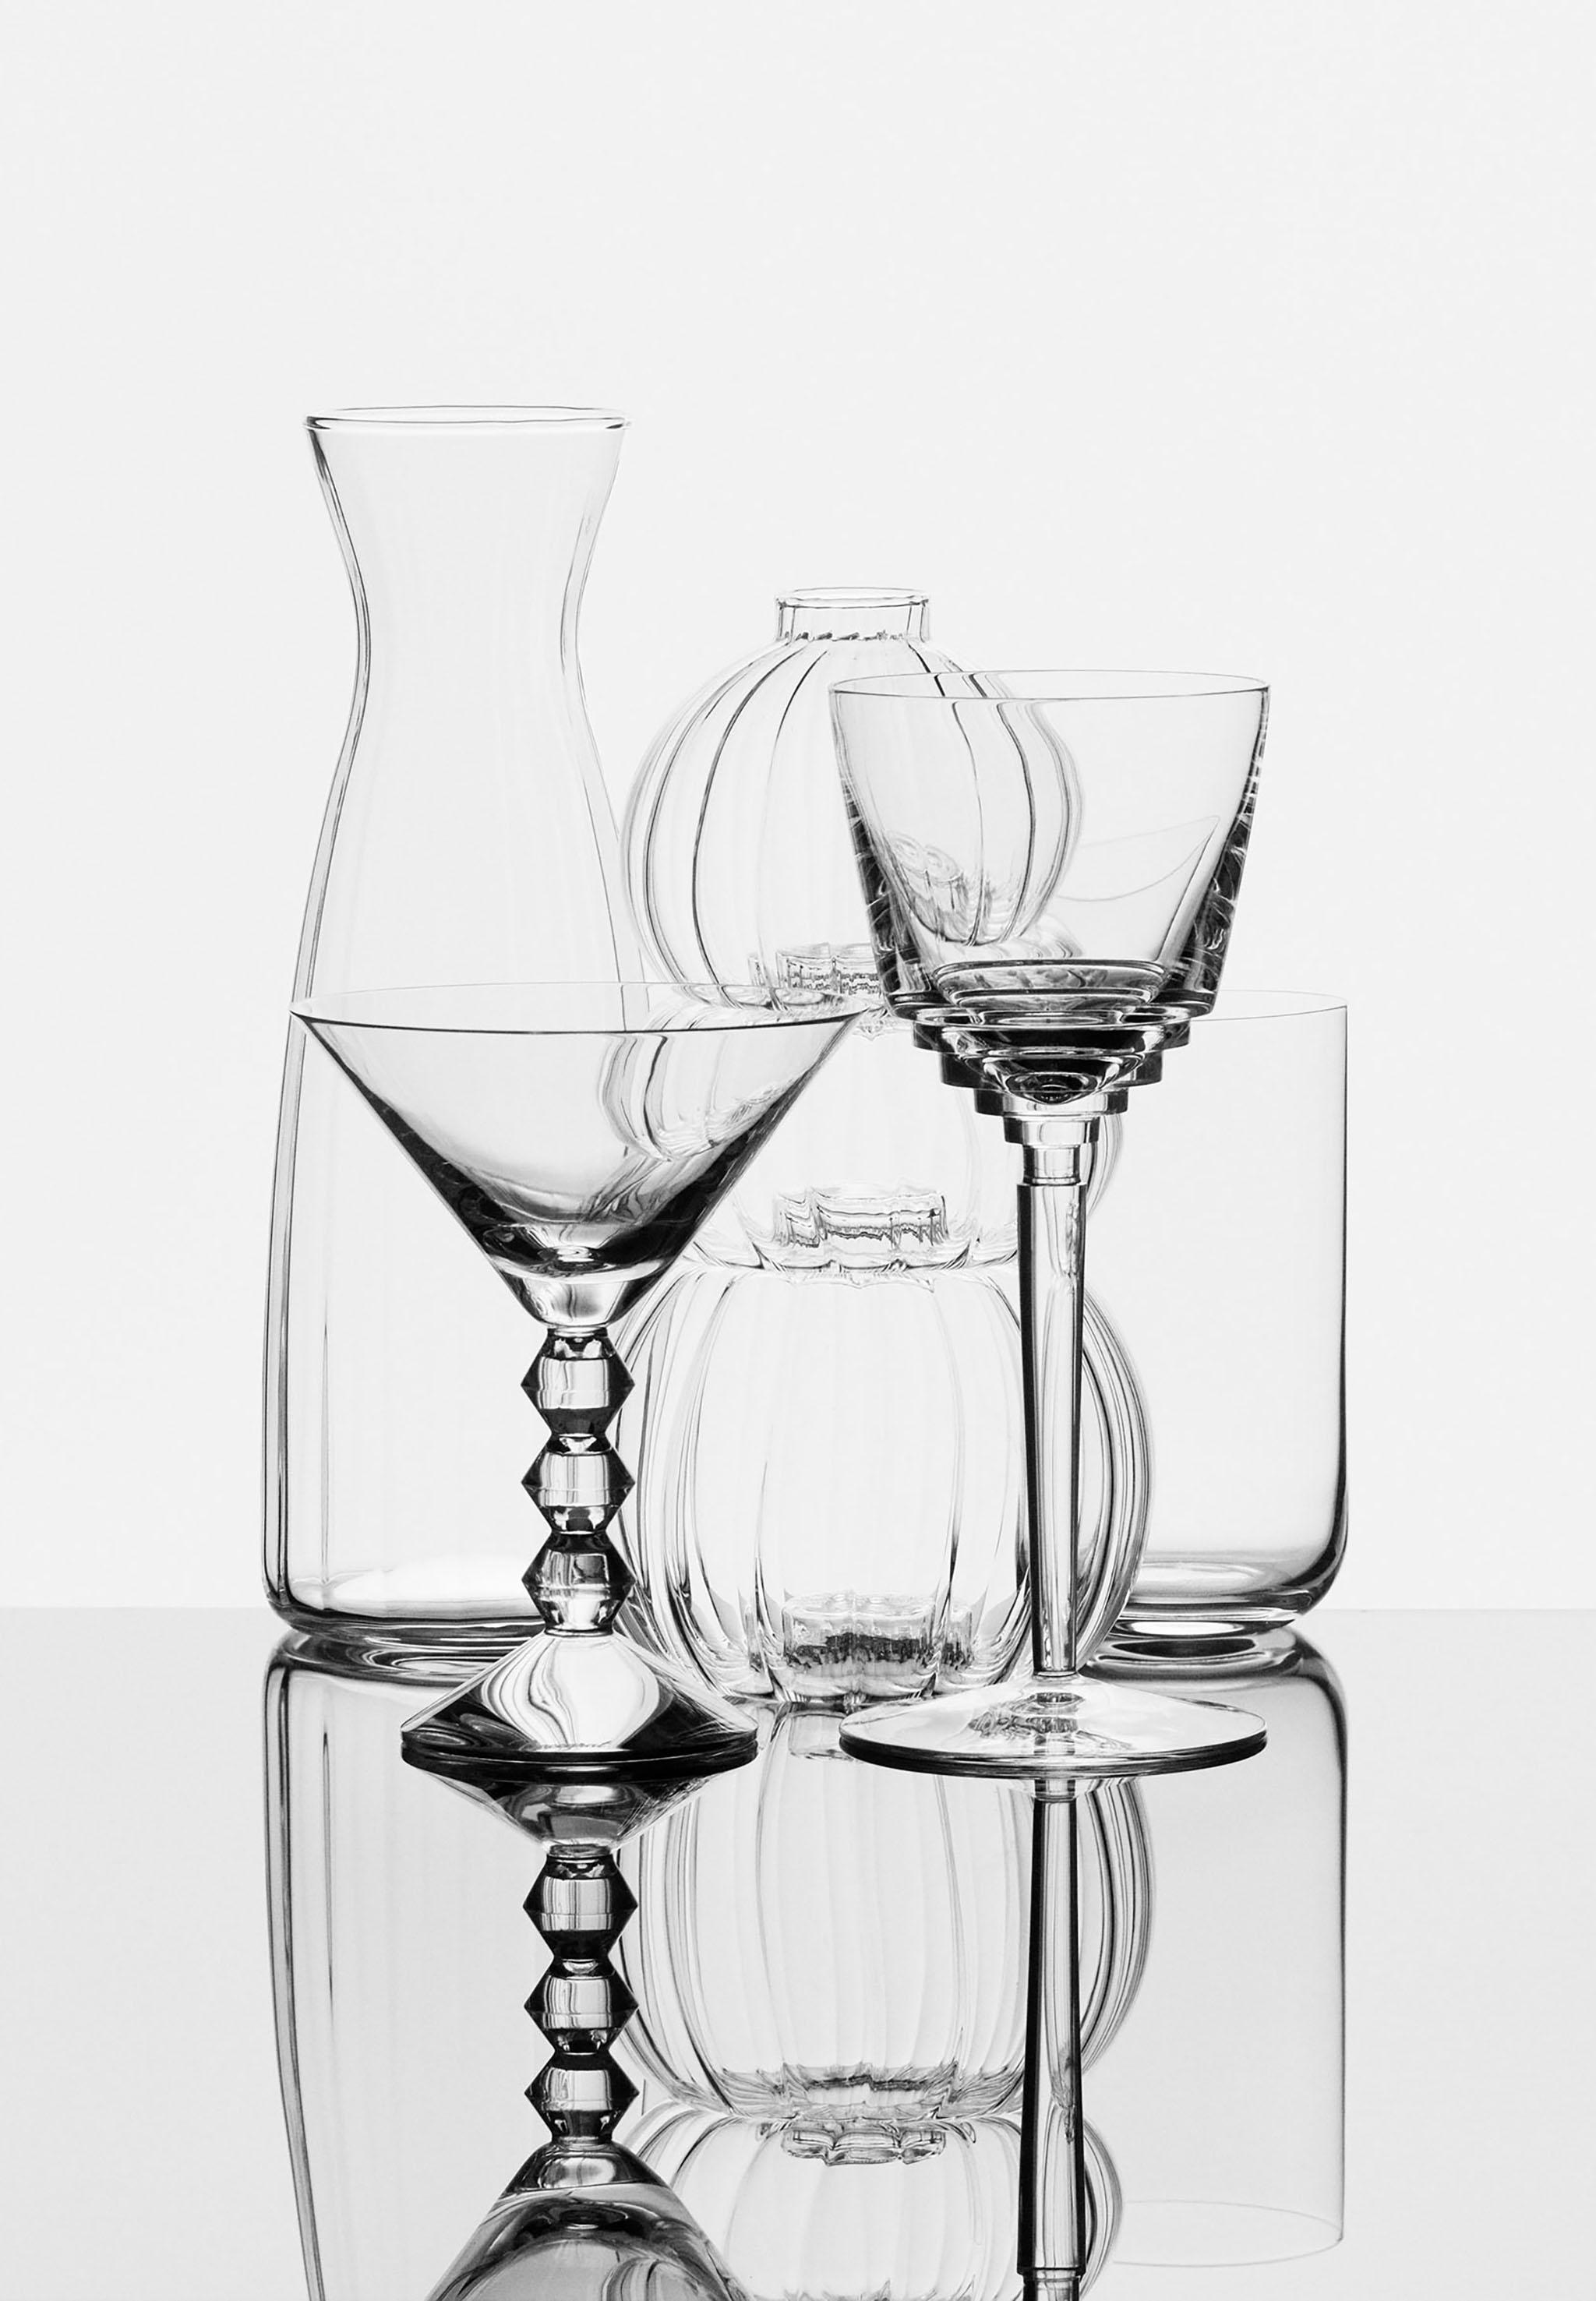 Du verre au cristal